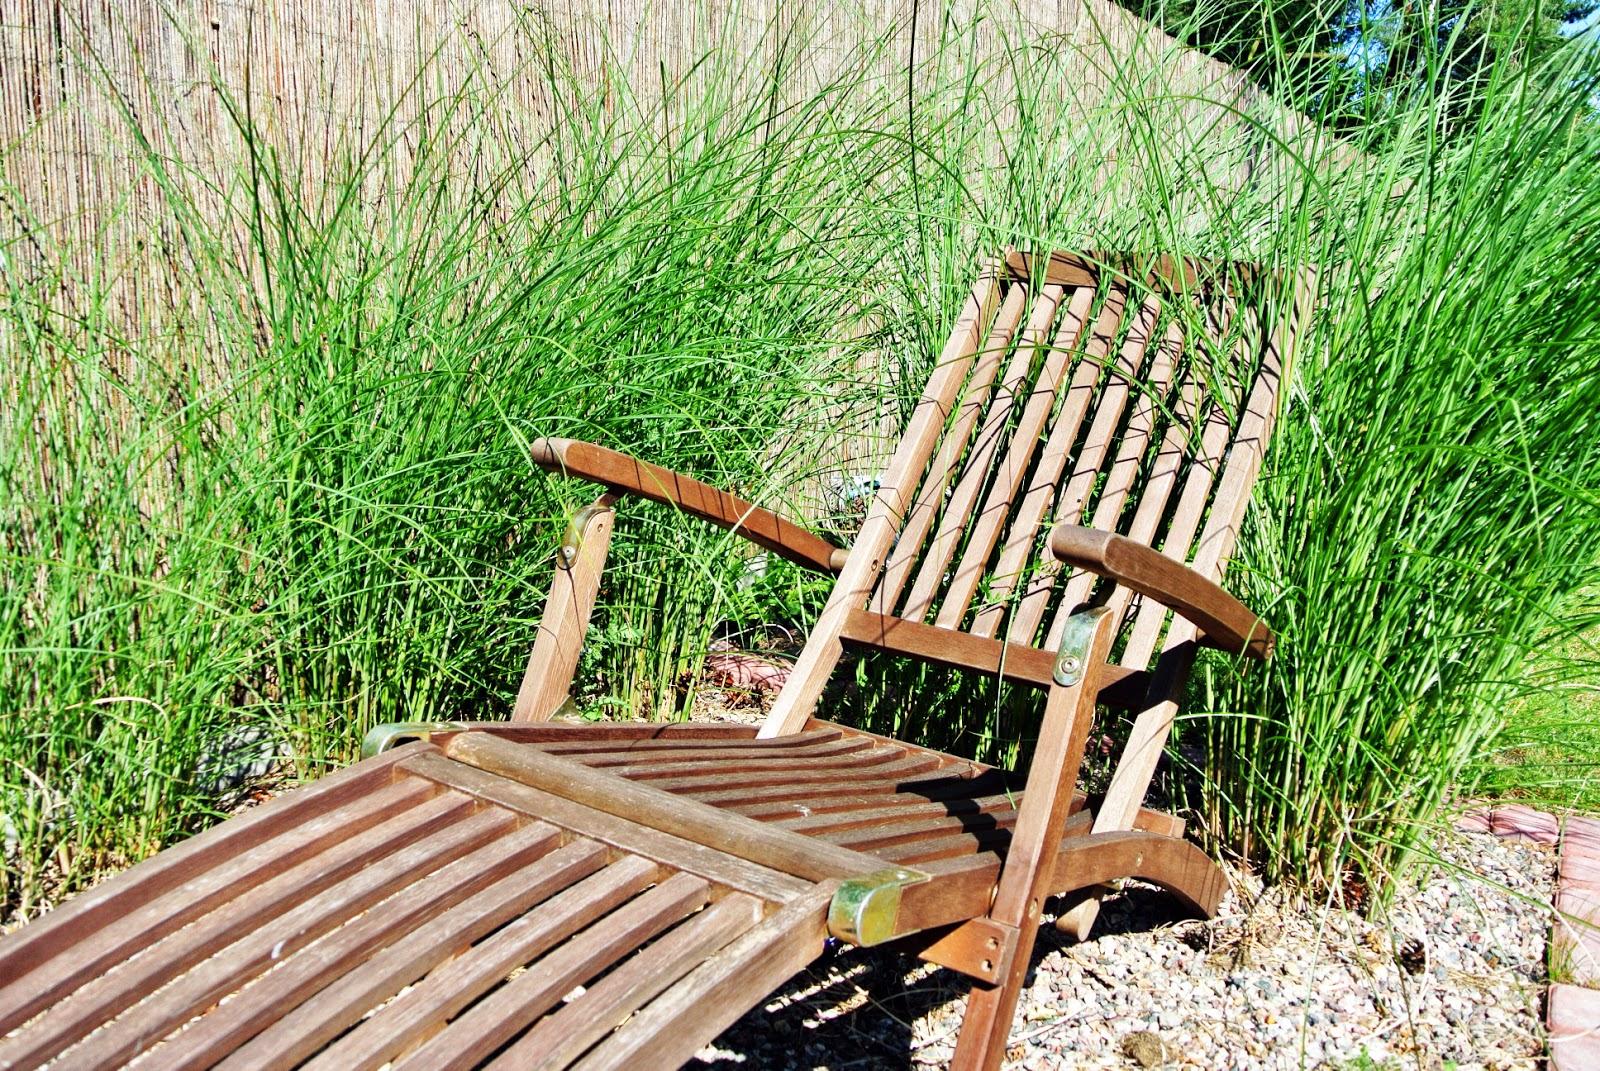 leżak ogrodowy,teak,trawy w ogrodzie,zakątek z leżakiem,opalanie w ogrodzie,żwirek w ogrodzie,żwirek na rabatach,trawa w żwirku,piękny ogród,maja w ogrodzie